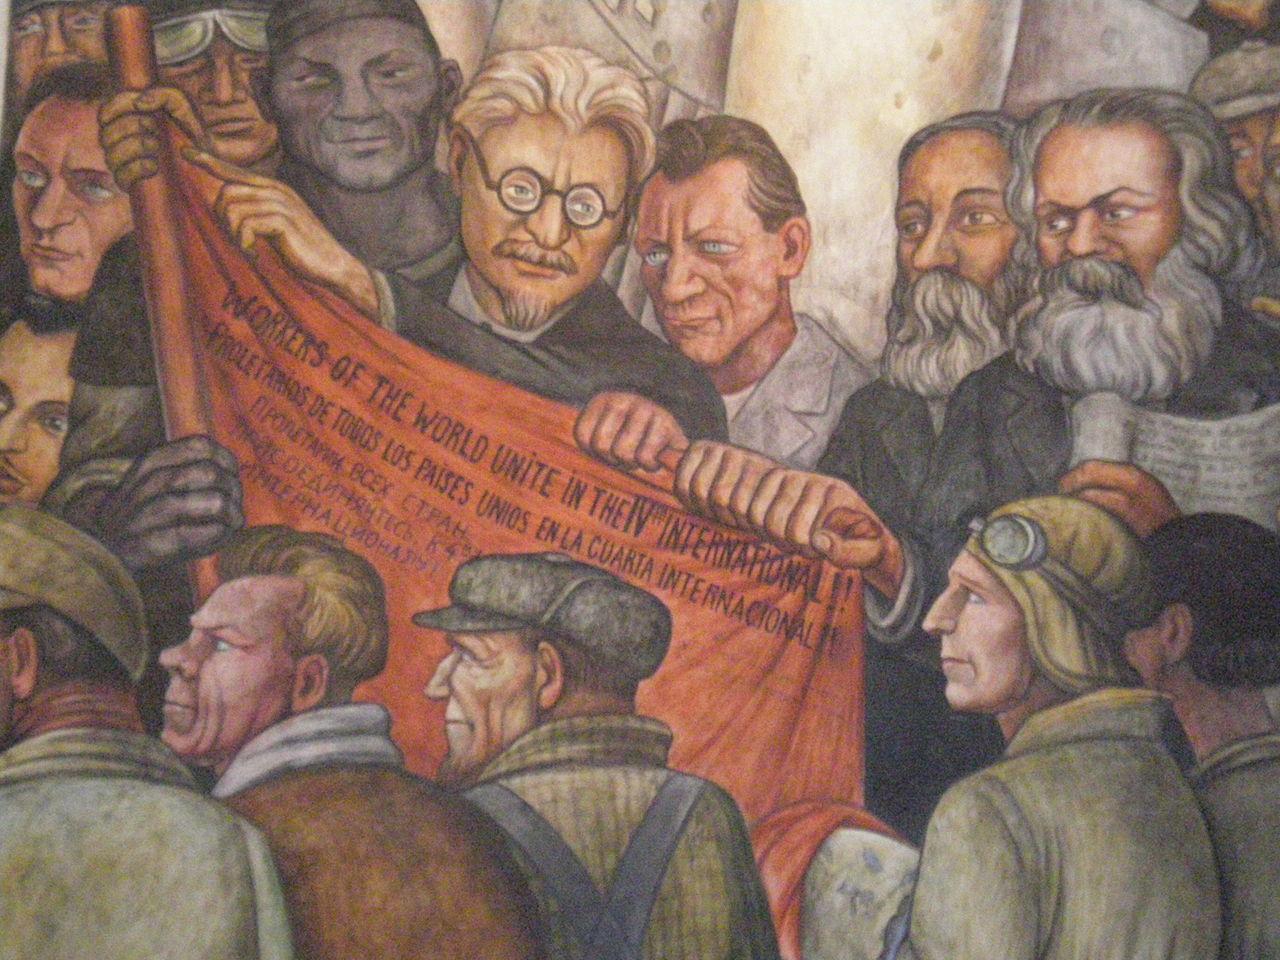 """Detalle del fresco de Diego Rivera """"El hombre controlador del universo"""" con León Trotski, Friedrich Engels y Karl Marx. Fuente: Éclusette (CC BY 3.0)"""